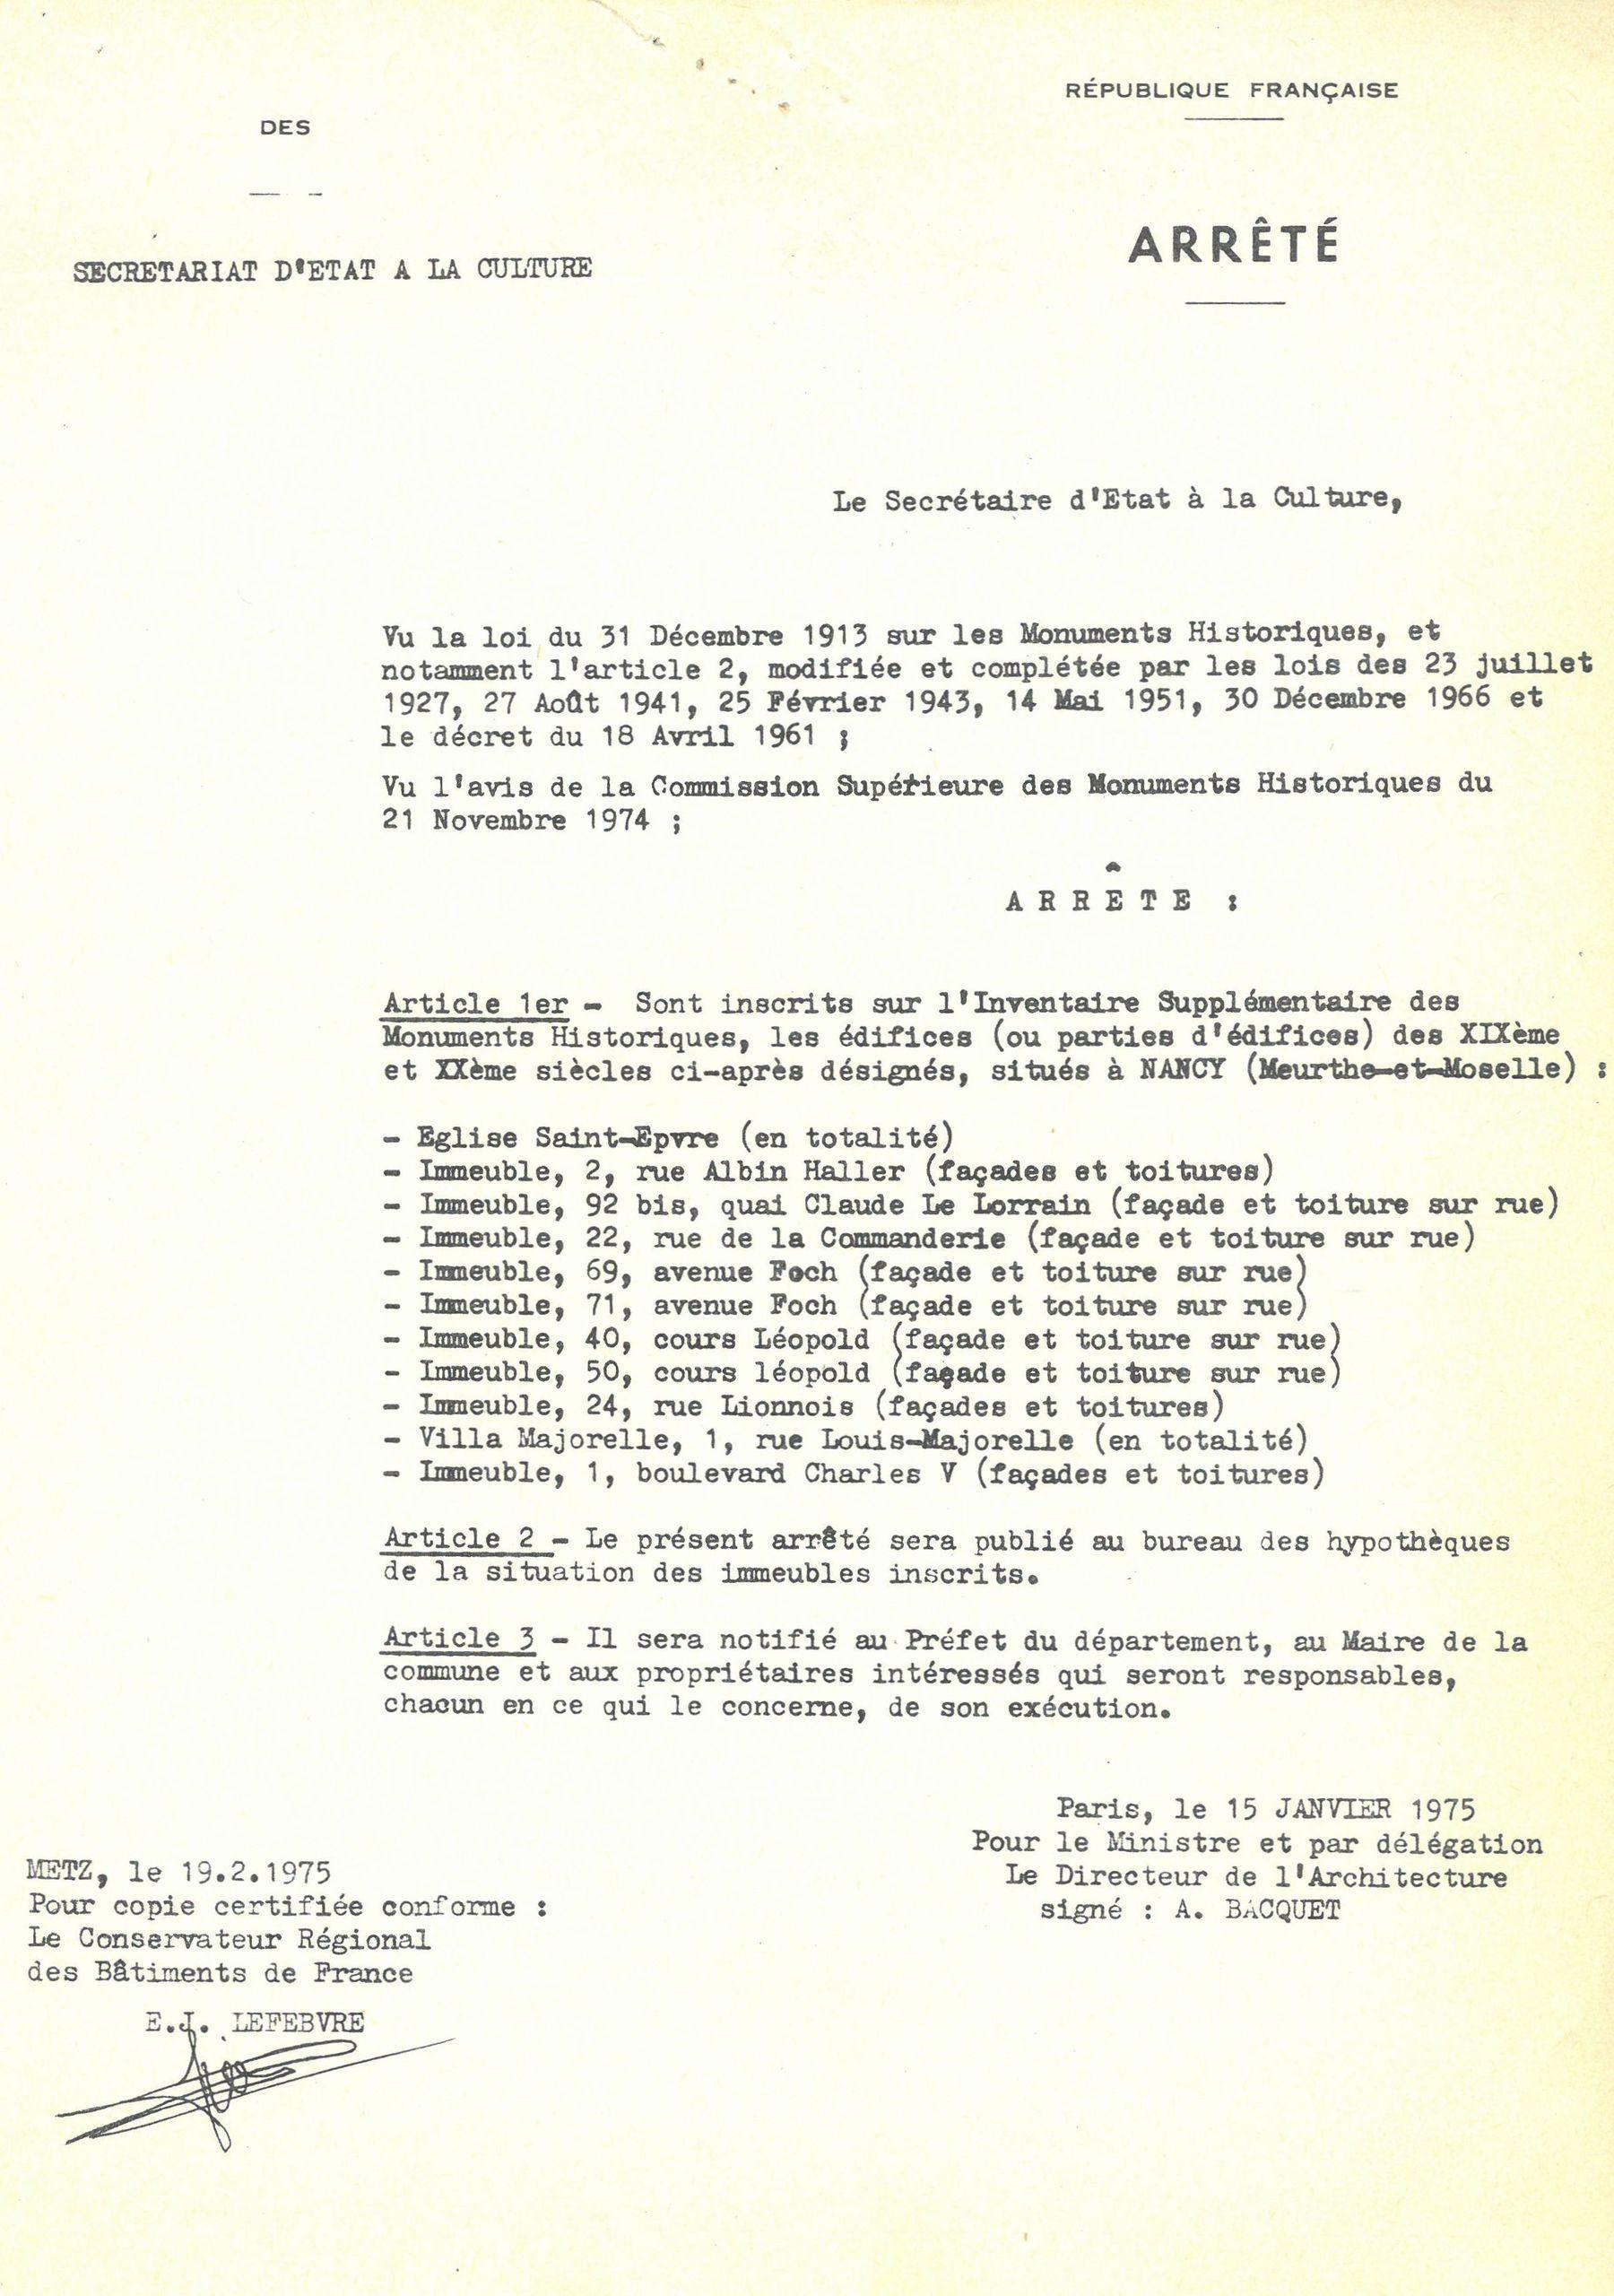 Contenu du Arrêté du Secrétariat d'État à la Culture inscrivant sur l'Inventaire Supplémentaire des Monuments Historiques certains édifices de Nancy